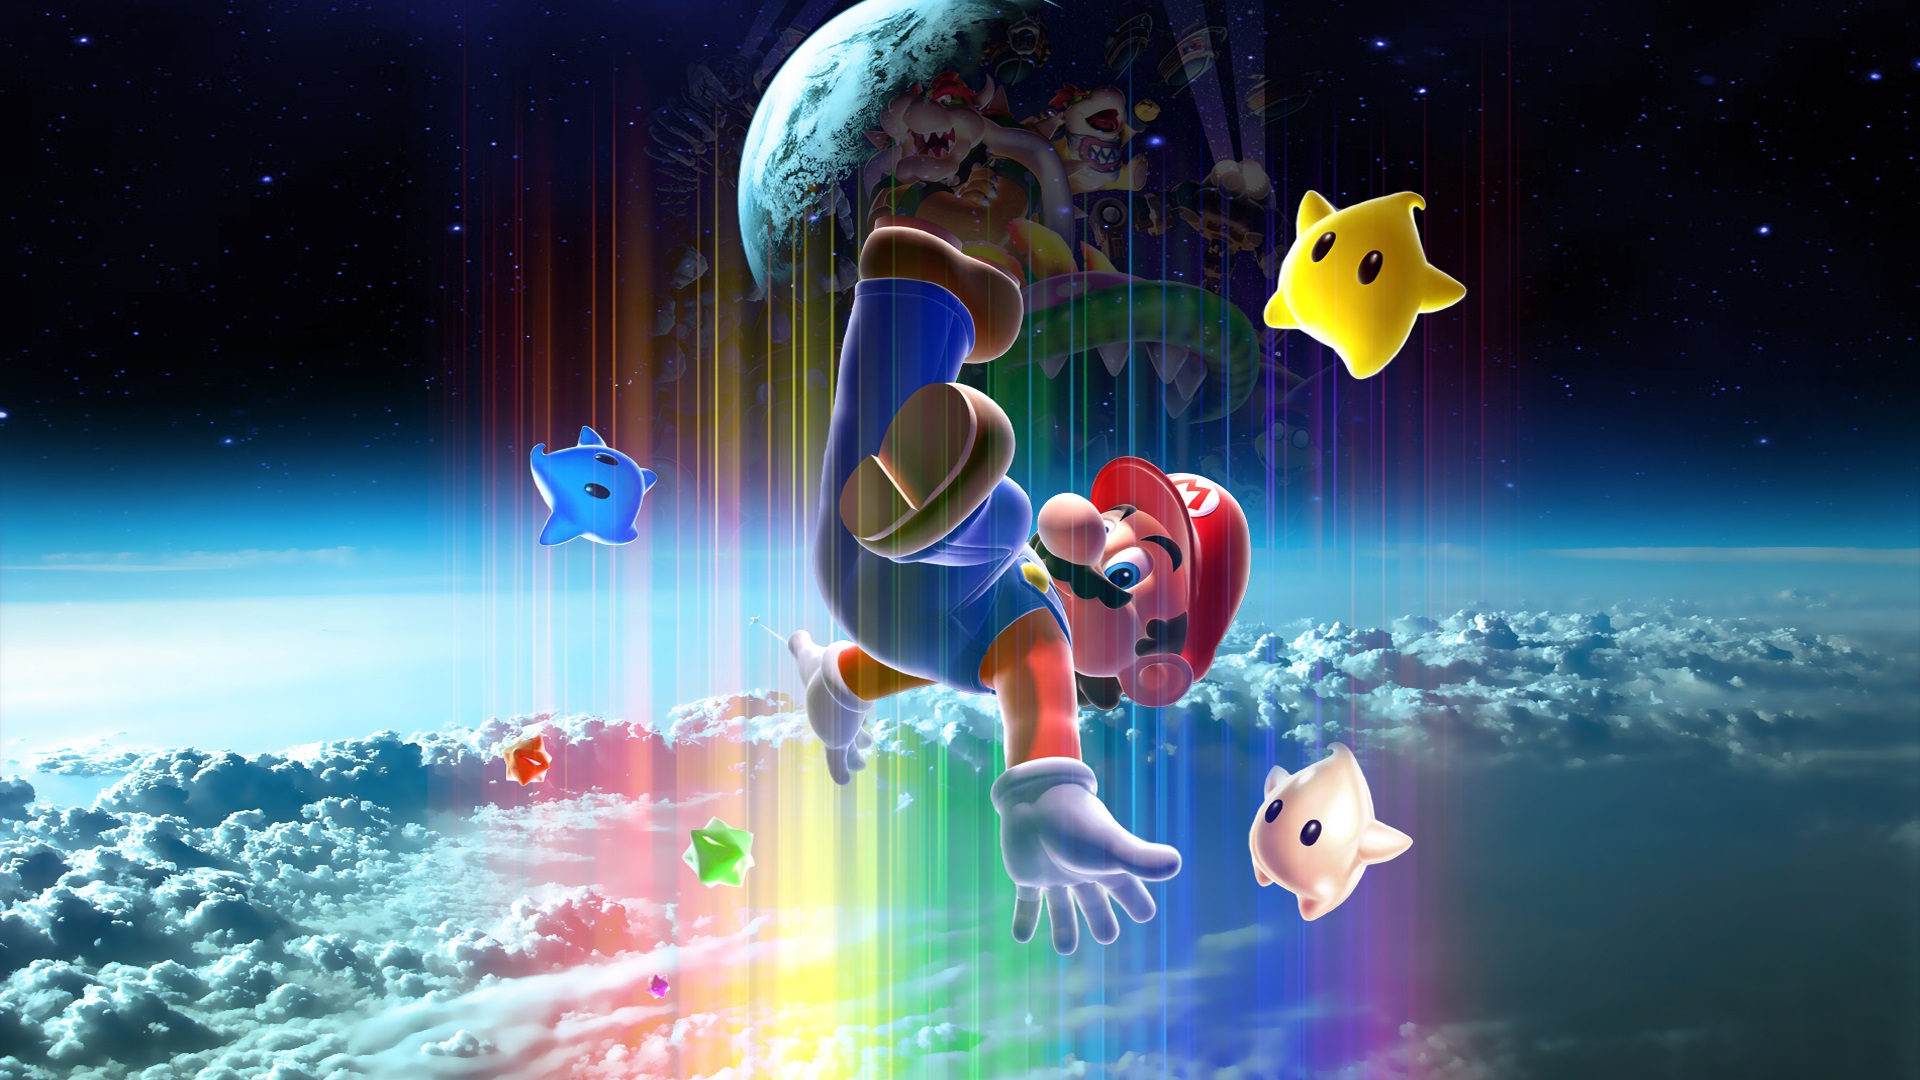 Wallpaper Super Mario, classic game, Nintendo 1920x1200 HD